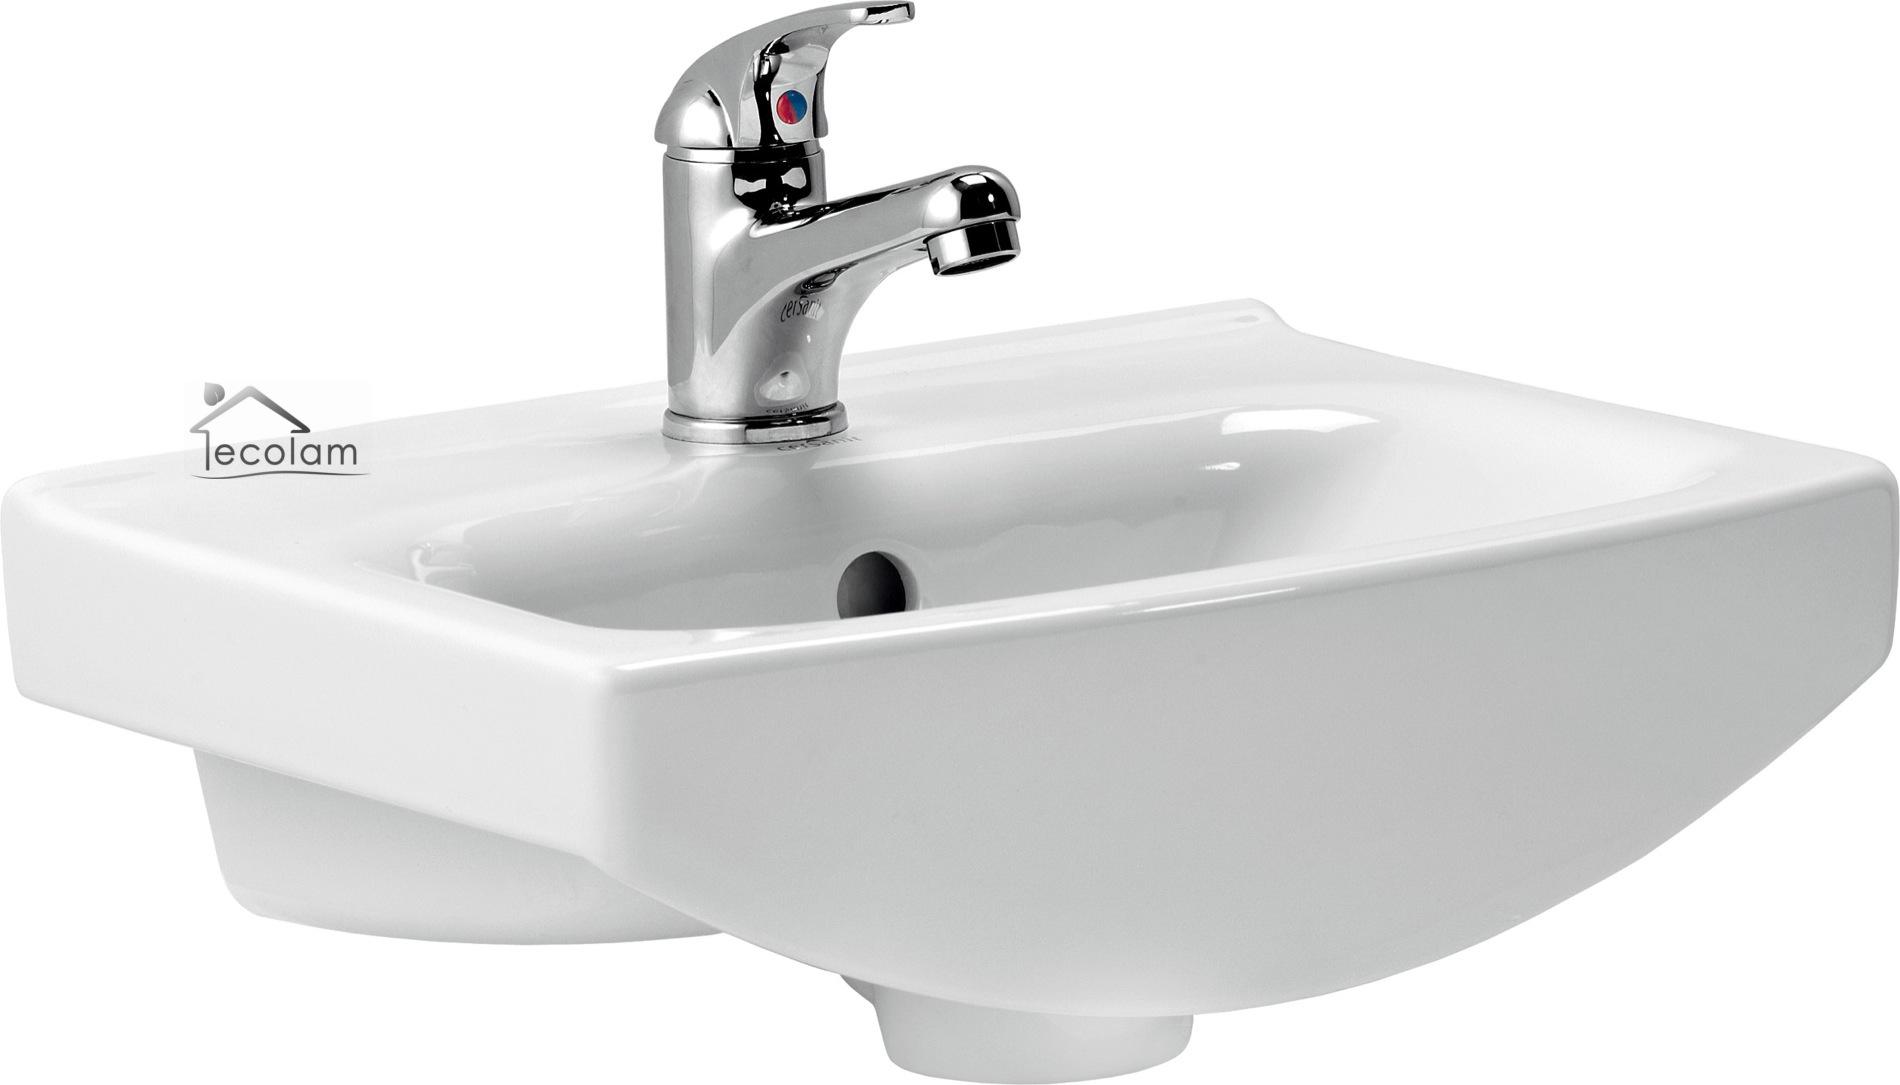 badm bel waschbecken 40 cm waschtisch waschbeckenunterschrank wei cersanit c o ebay. Black Bedroom Furniture Sets. Home Design Ideas